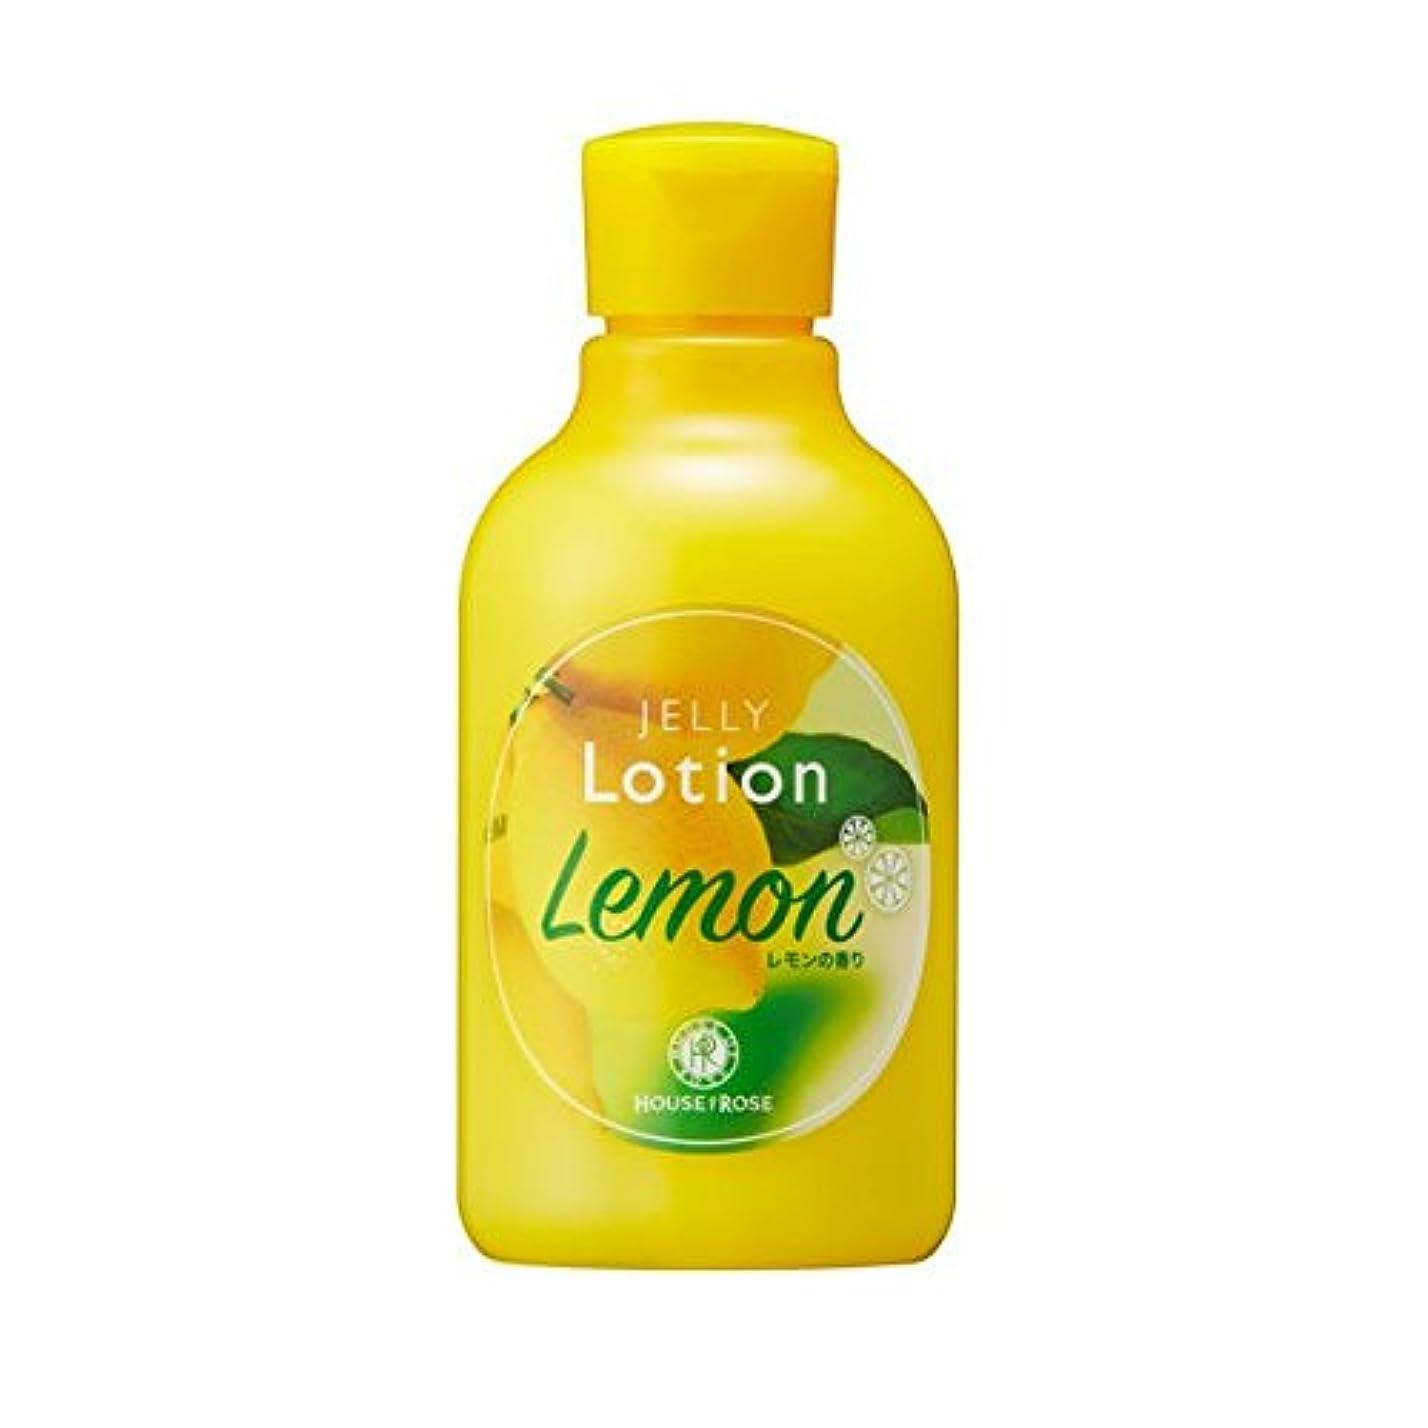 競合他社選手リーン聖人HOUSE OF ROSE(ハウスオブローゼ) ハウスオブローゼ/ジェリーローション LM(レモンの香り)200mL